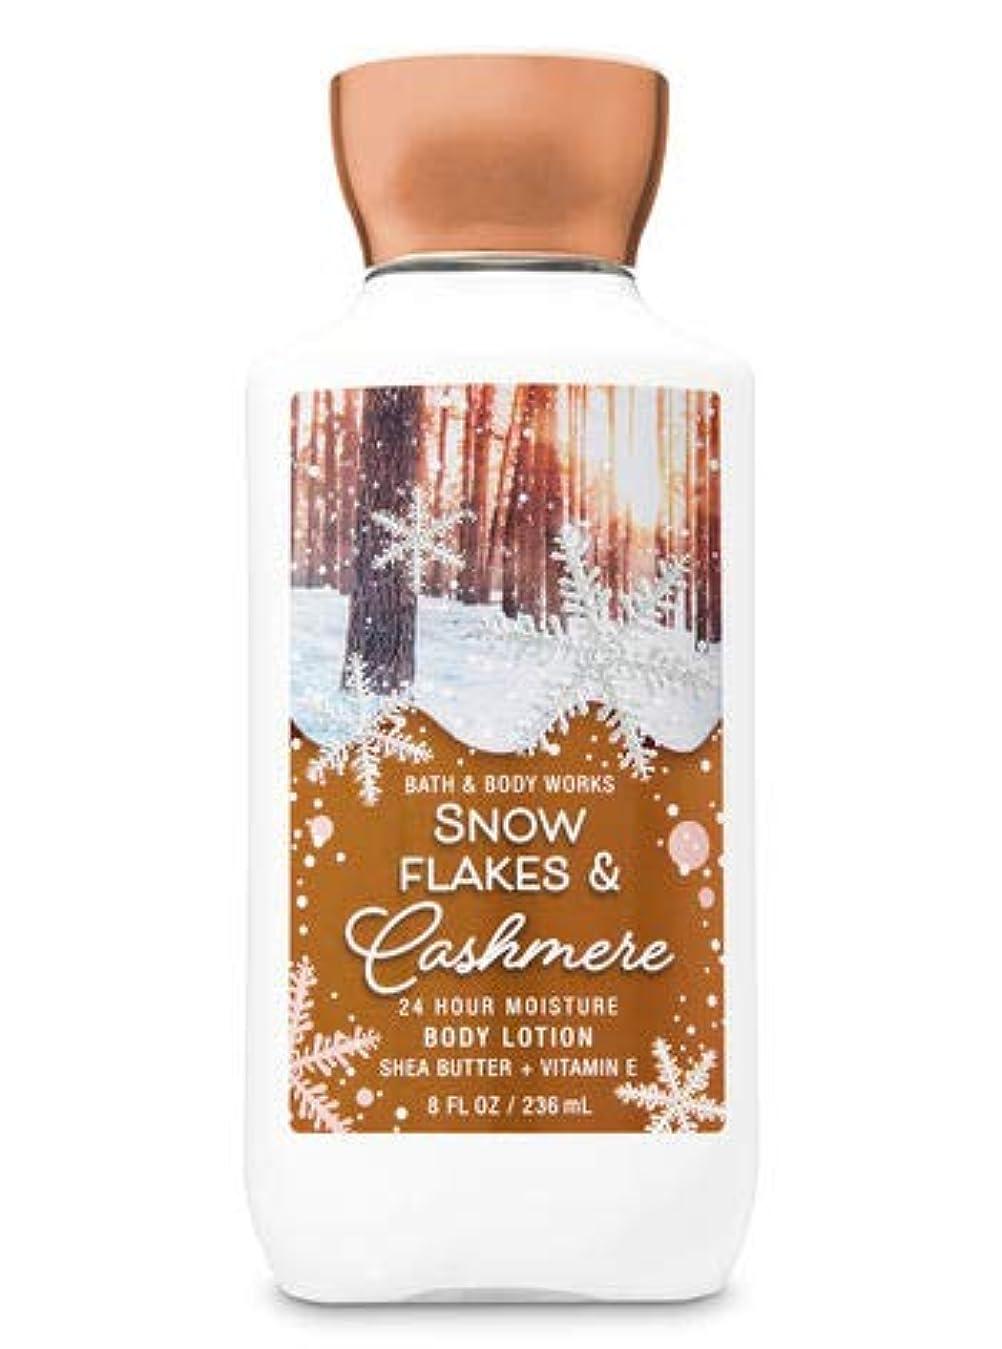 混乱させる広々とした耐えられない【Bath&Body Works/バス&ボディワークス】 ボディローション スノーフレーク&カシミア Body Lotion Snowflakes & Cashmere 8 fl oz / 236 mL [並行輸入品]